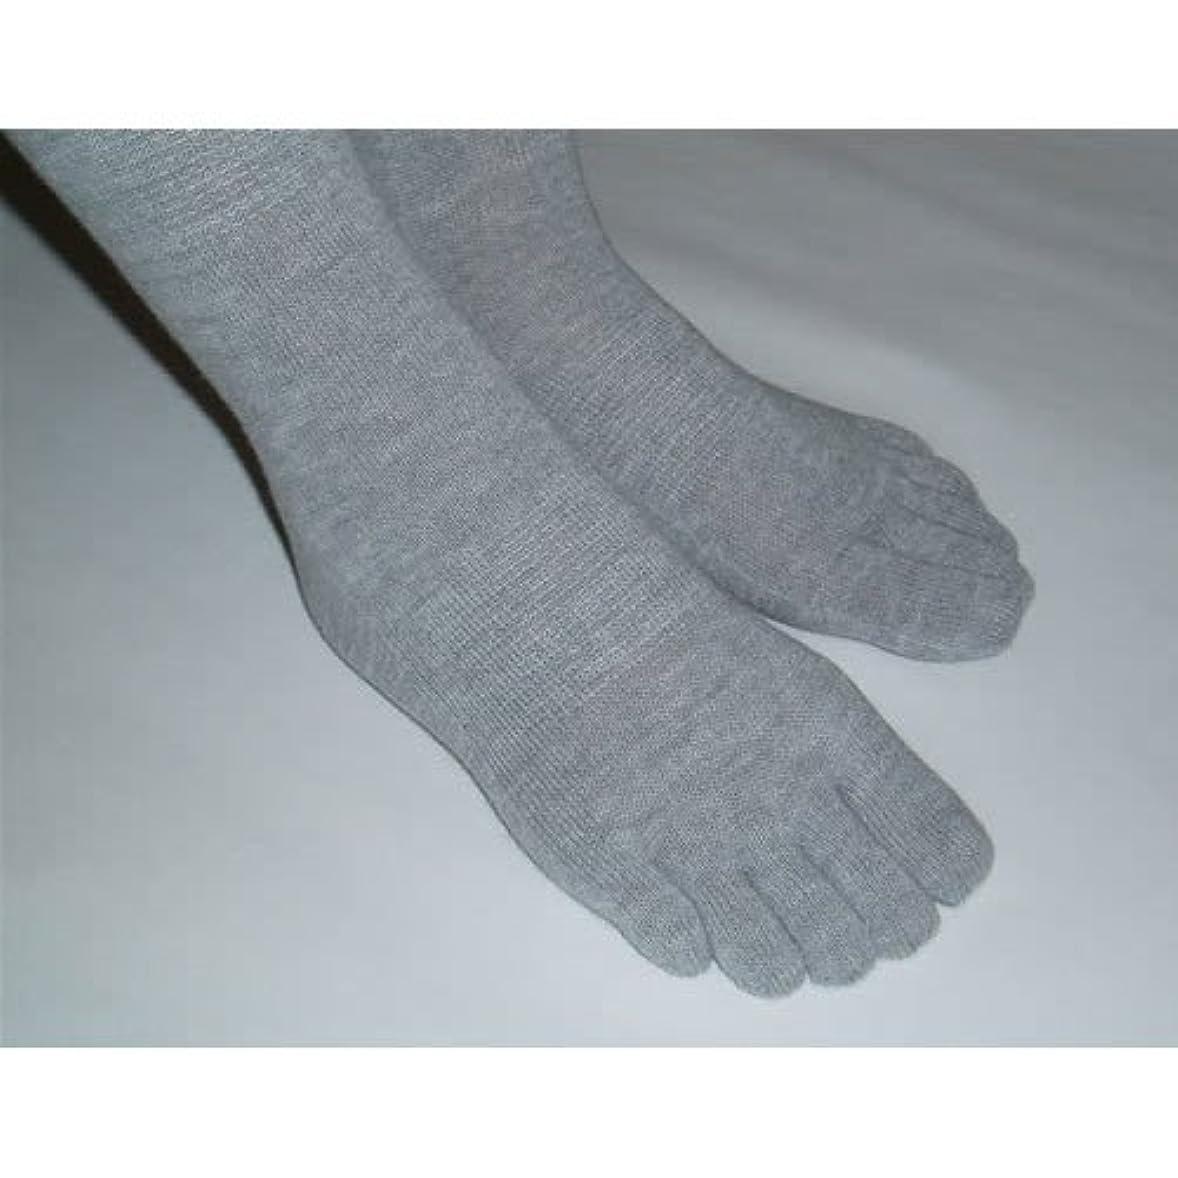 プロフェッショナル正当化する好戦的な5本指ソックス 婦人(22-24cm)サイズ 【炭の靴下】